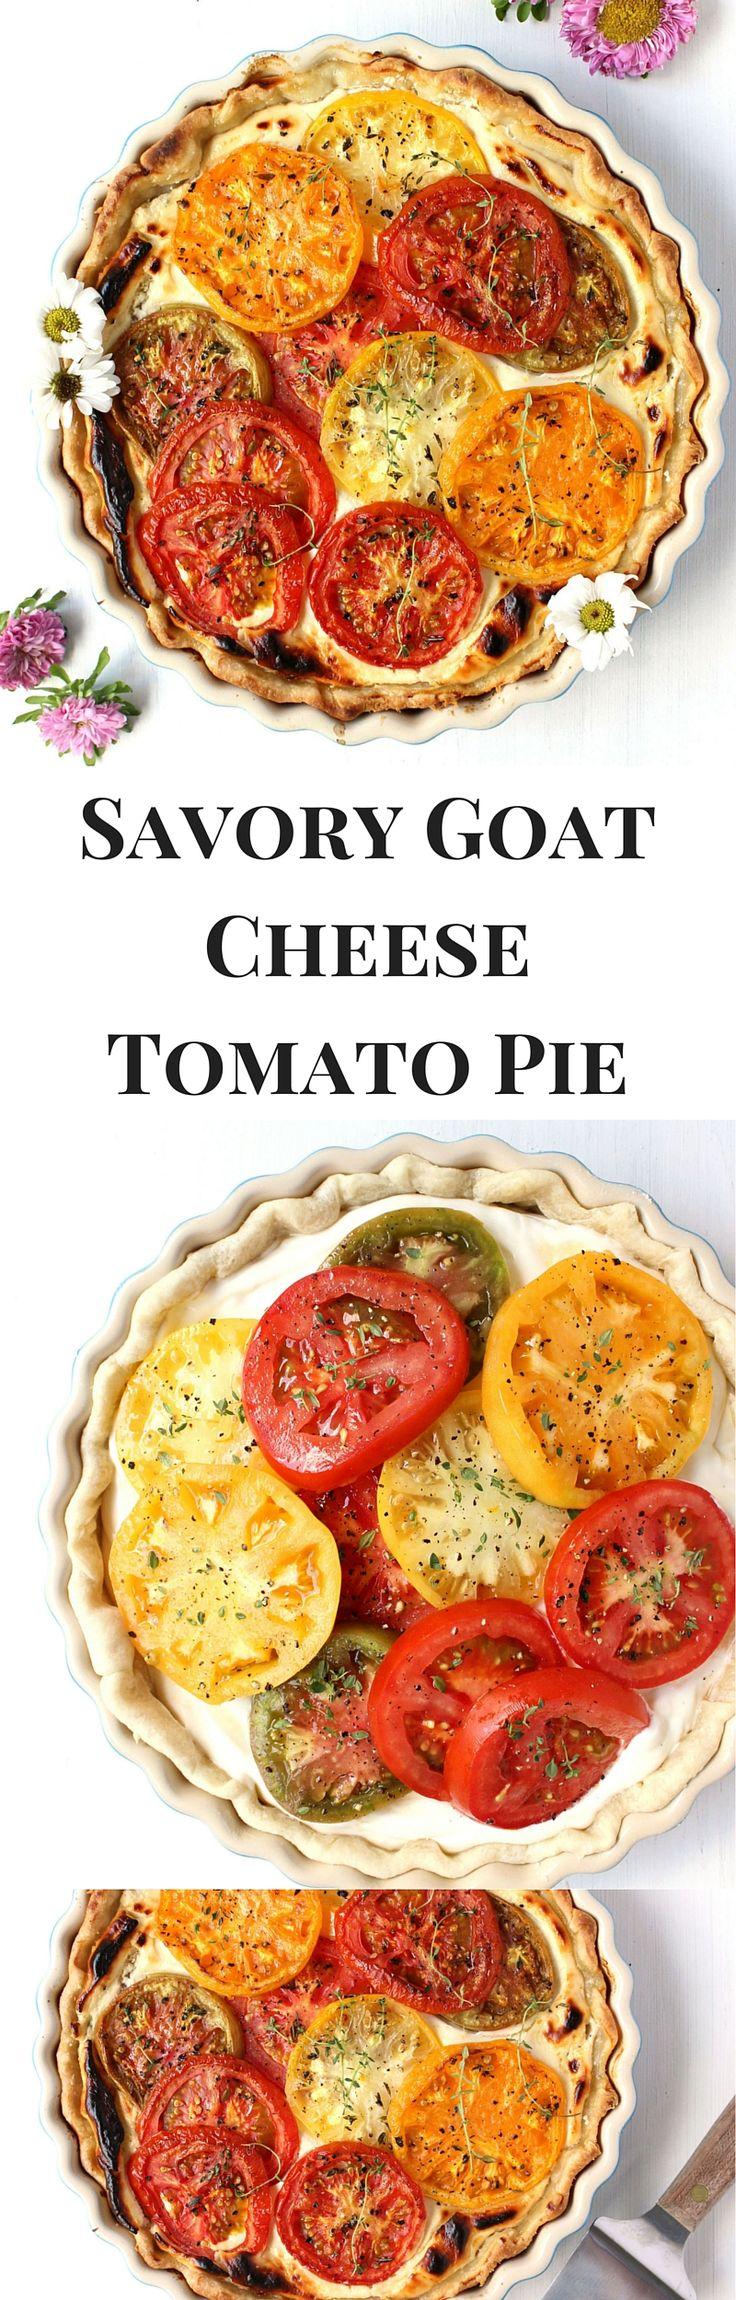 Savory Goat Cheese Tomato Pie